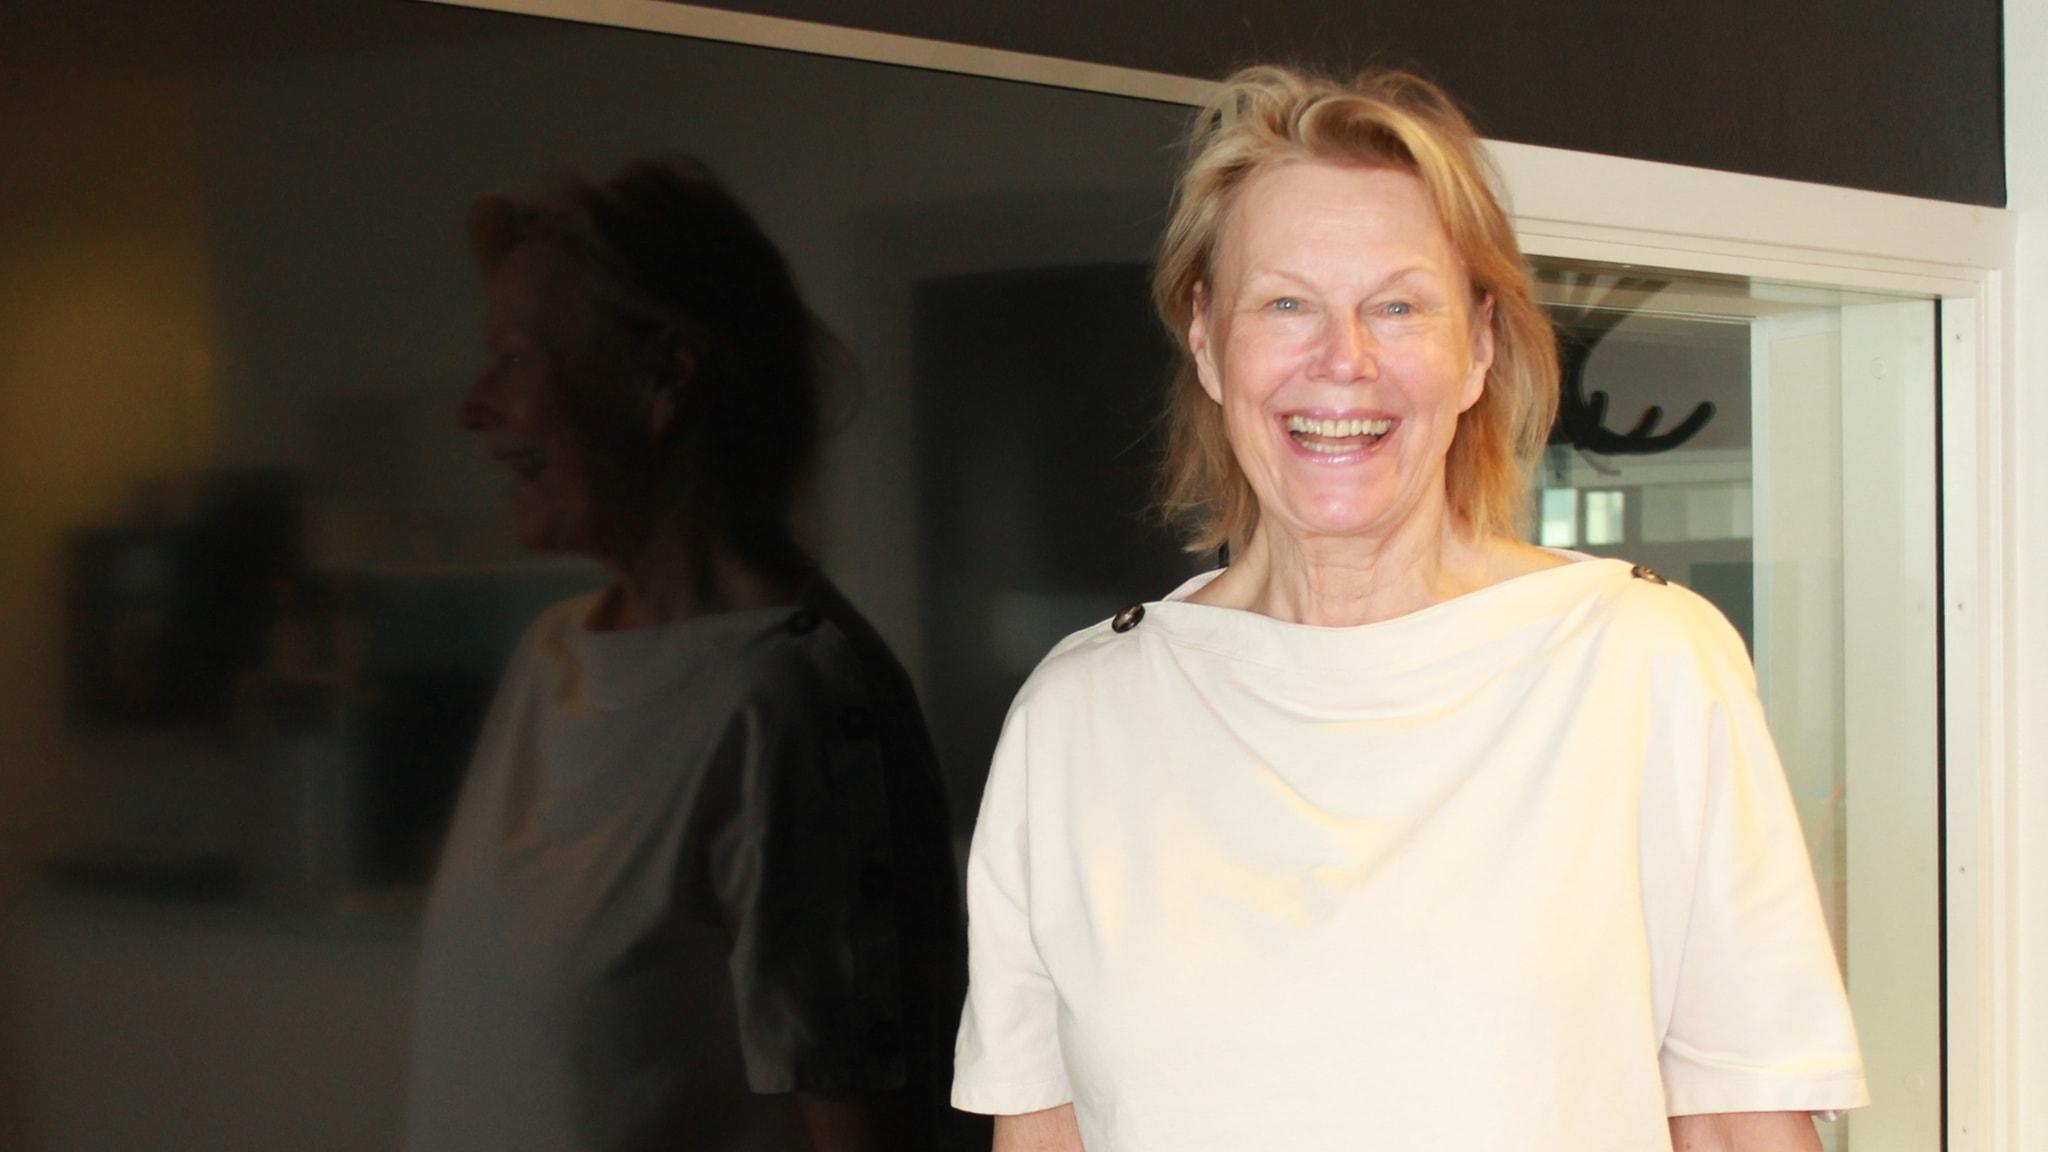 Revansch för finskan med Arja Saijonmaa, Love Antell och Ultra Bra